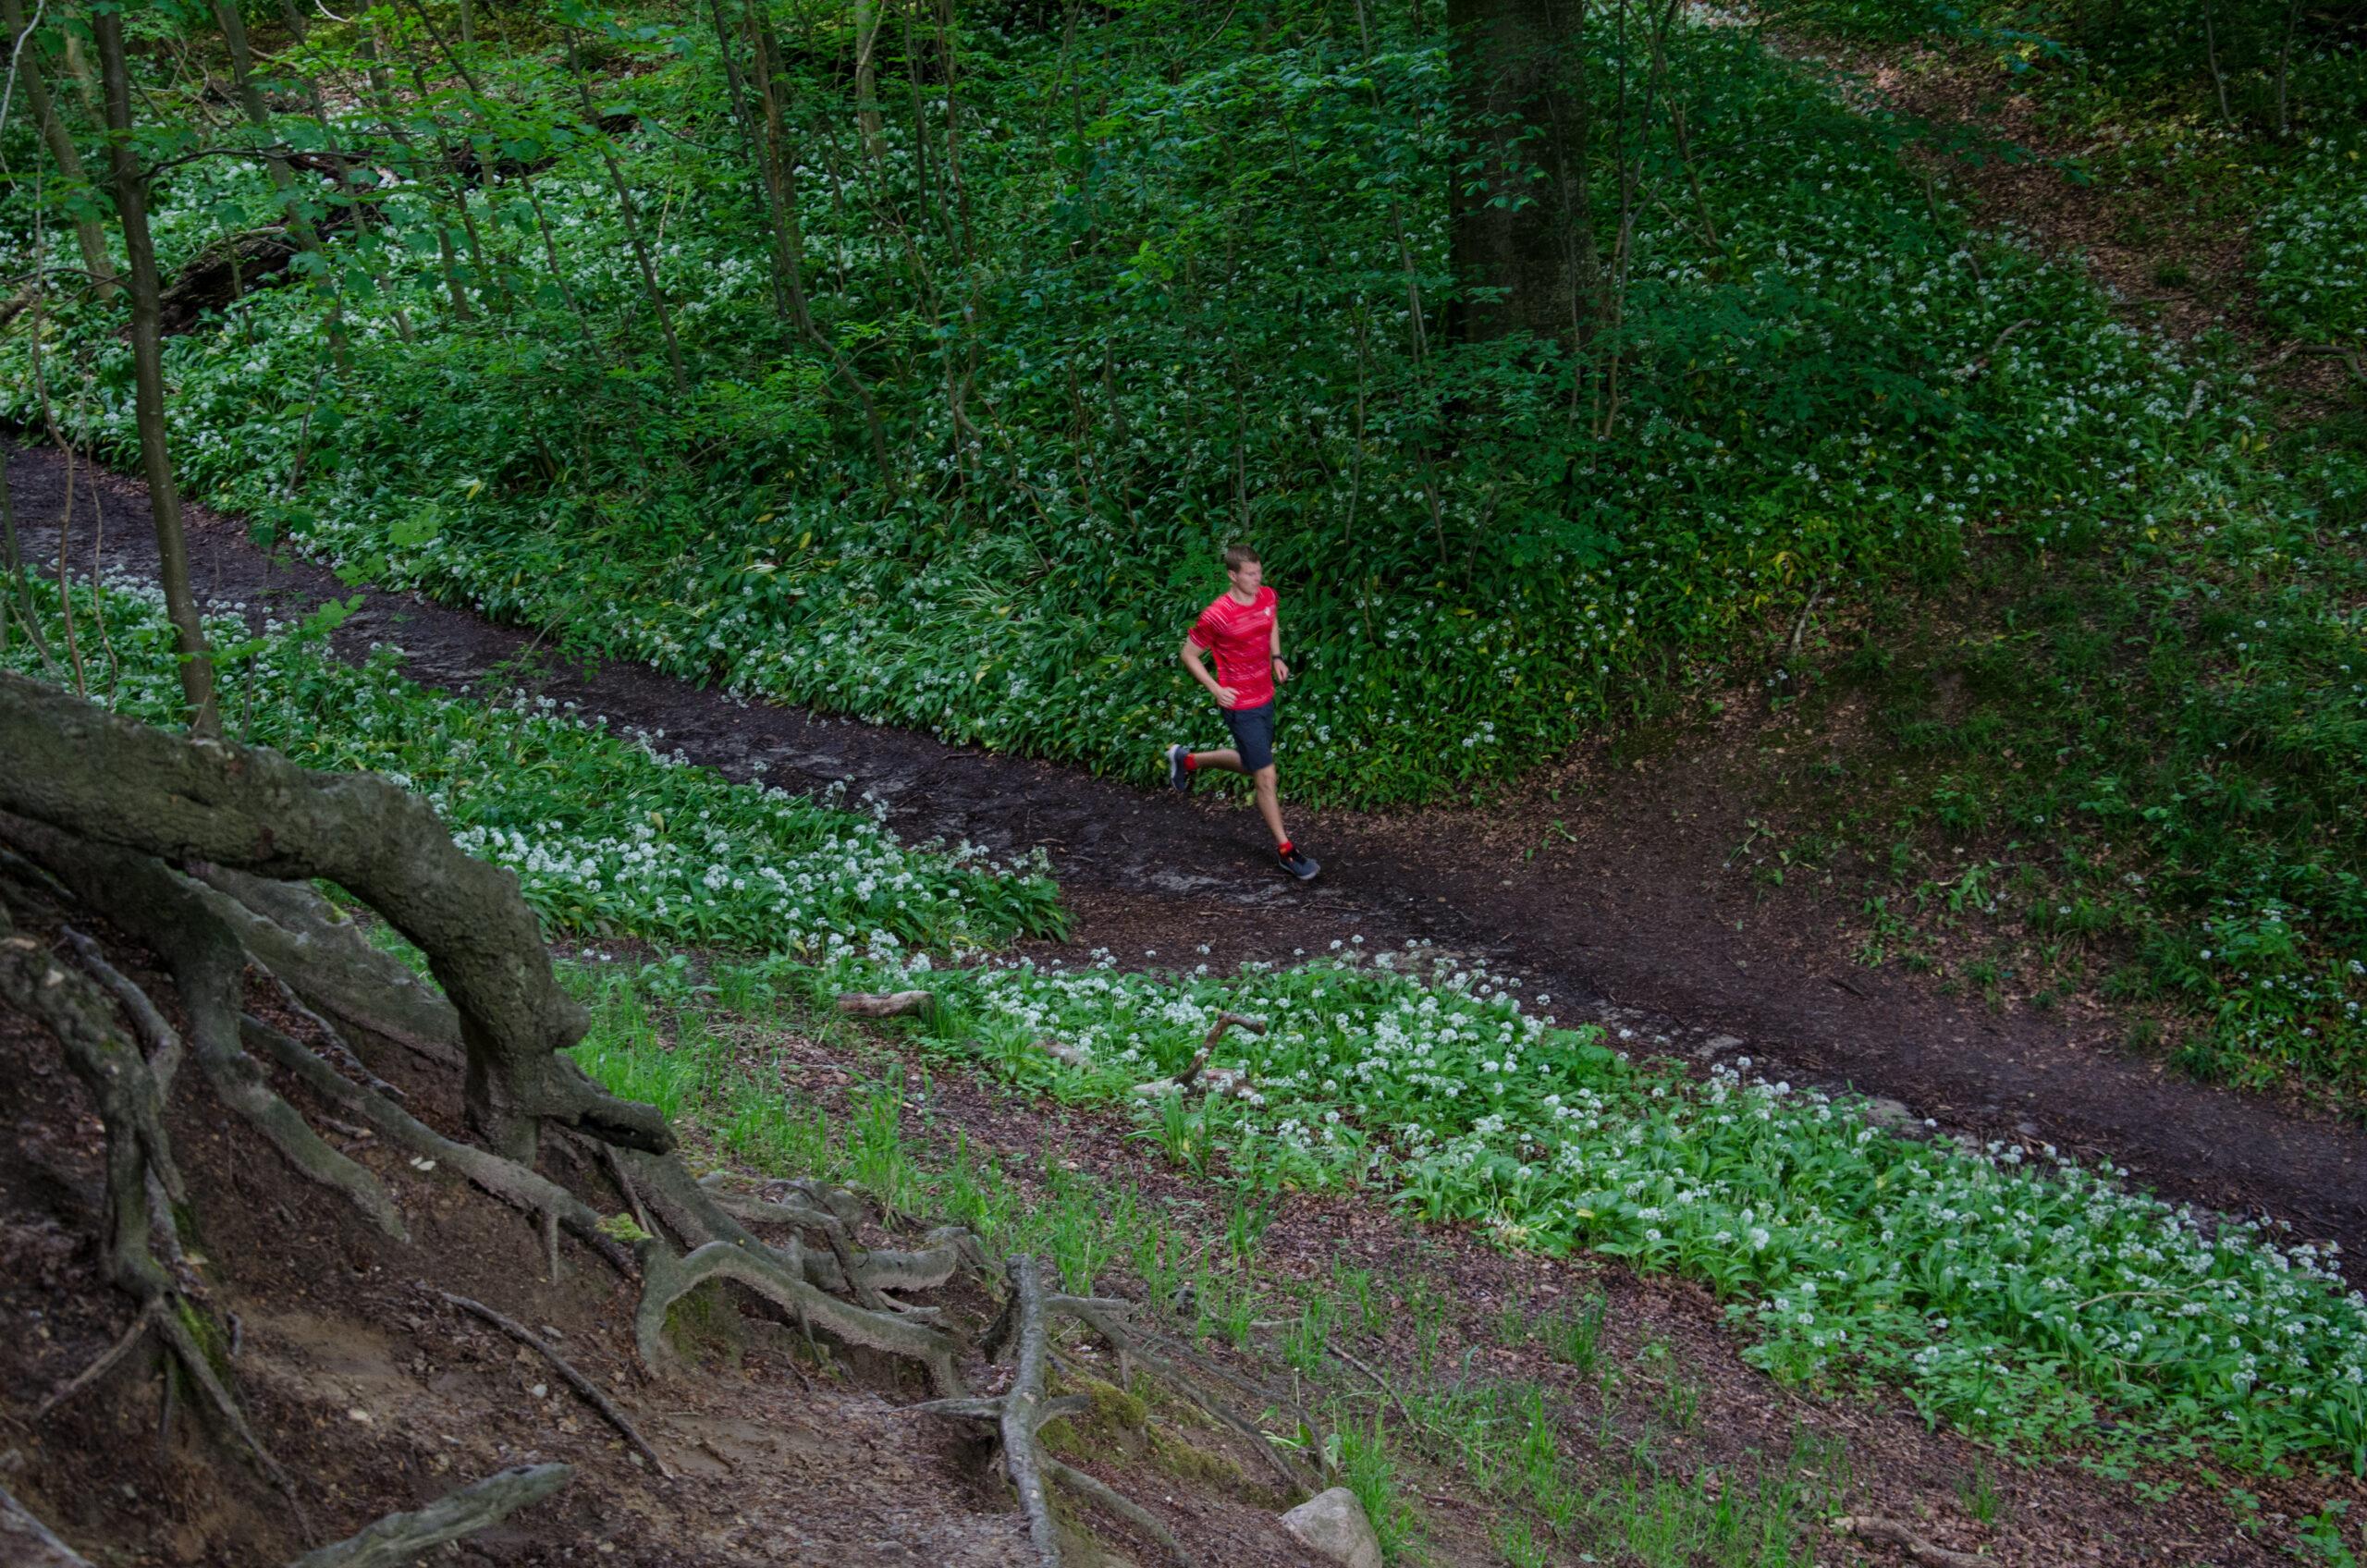 5 af mine ynglings interval træninger i løbeskoene